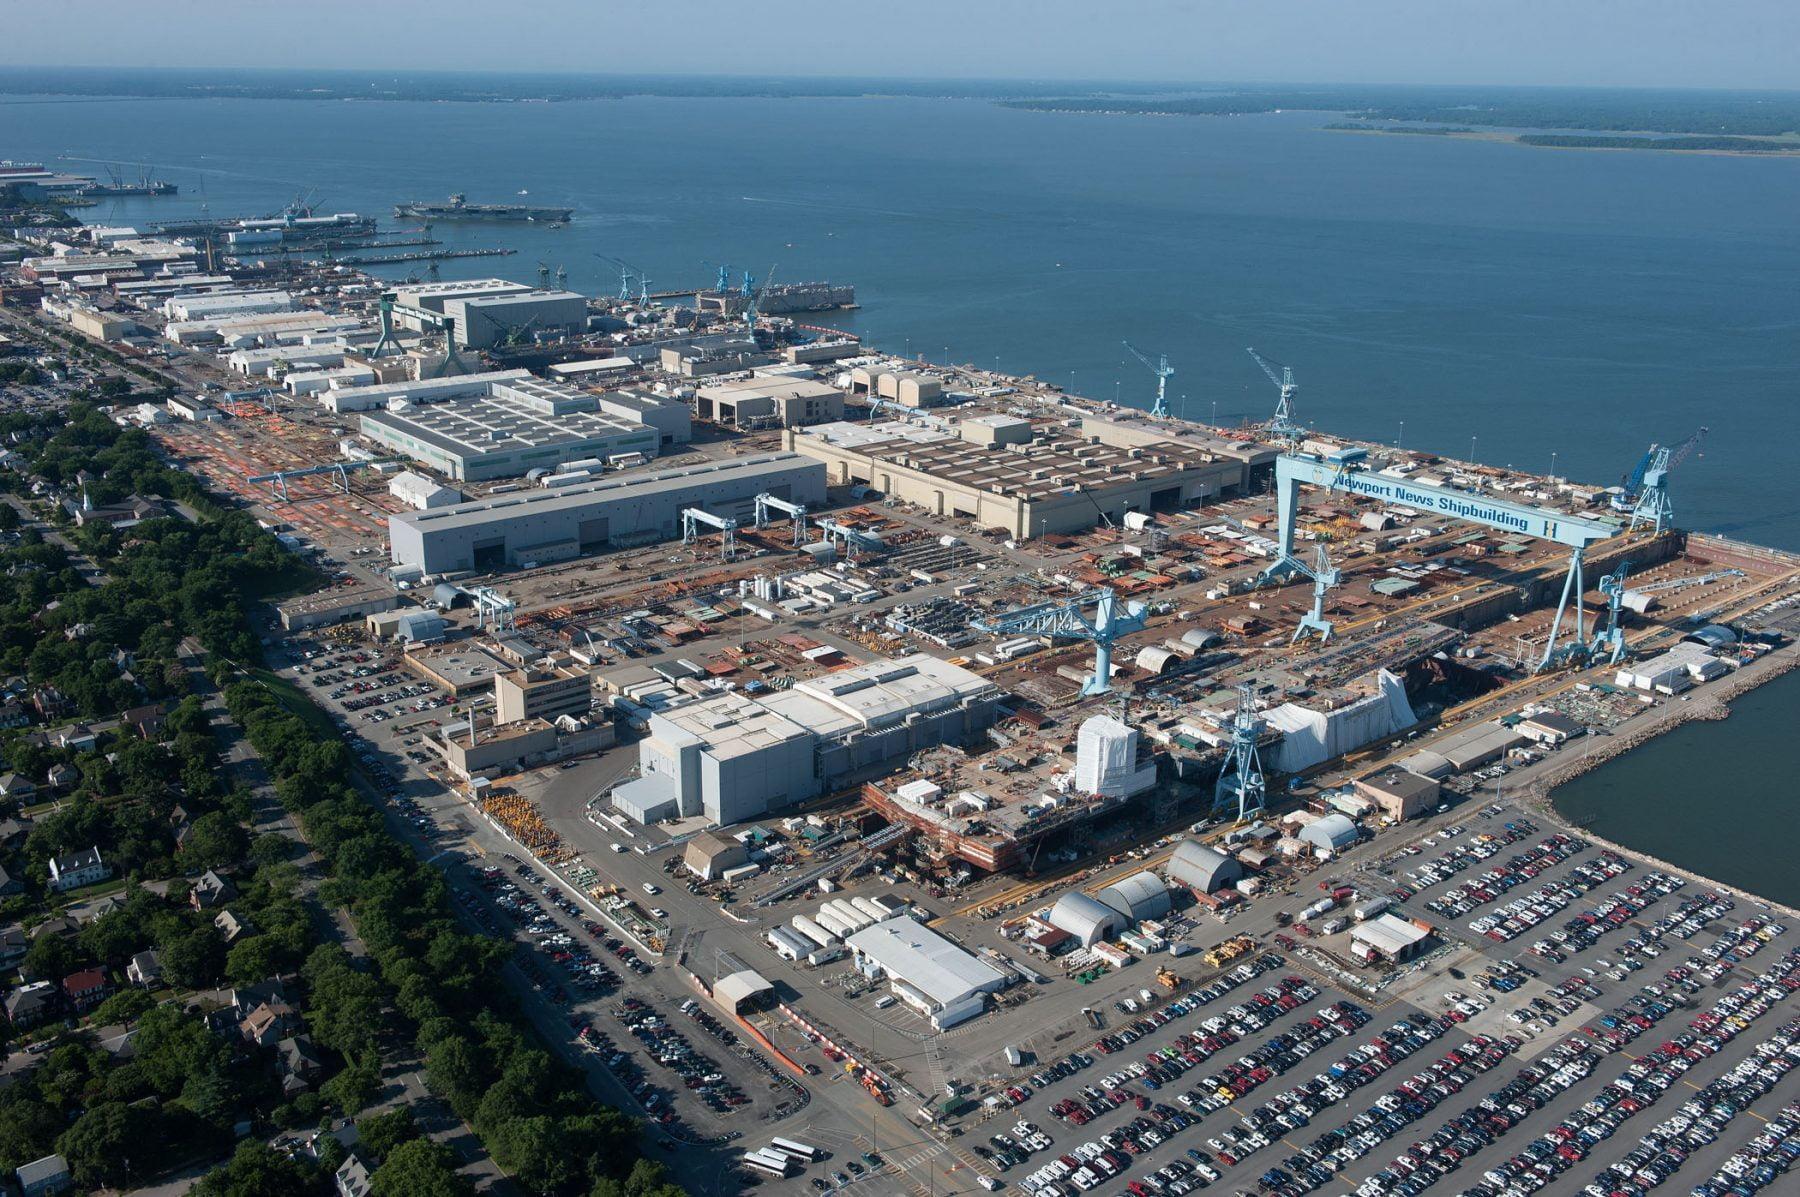 DCS13-375-938 Newport News Shipbuilding file